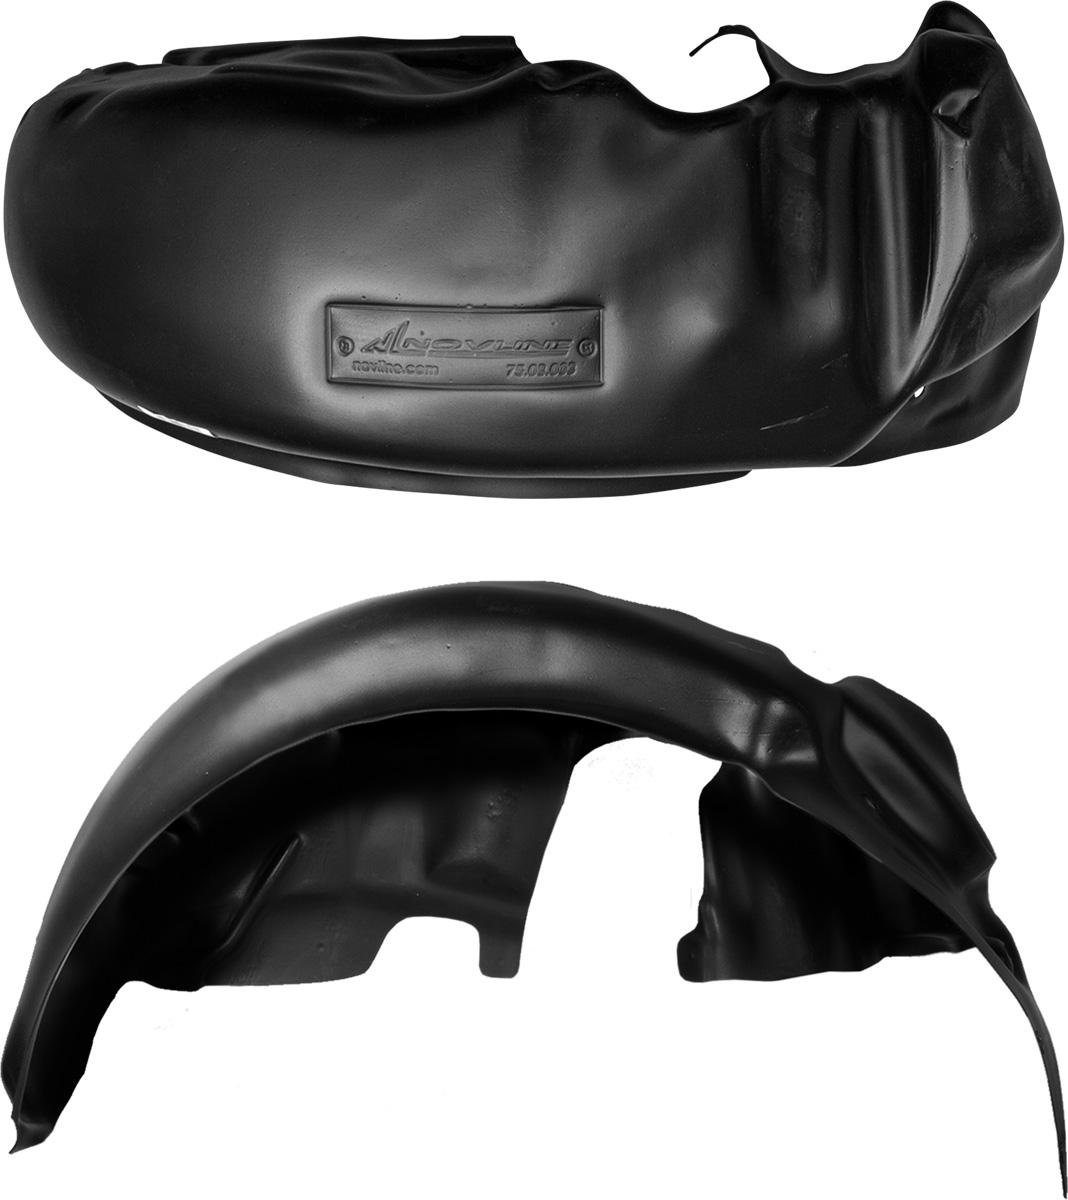 Подкрылок DAEWOO Matiz 2005->, задний левыйCA-3505Колесные ниши – одни из самых уязвимых зон днища вашего автомобиля. Они постоянно подвергаются воздействию со стороны дороги. Лучшая, почти абсолютная защита для них - специально отформованные пластиковые кожухи, которые называются подкрылками, или локерами. Производятся они как для отечественных моделей автомобилей, так и для иномарок. Подкрылки выполнены из высококачественного, экологически чистого пластика. Обеспечивают надежную защиту кузова автомобиля от пескоструйного эффекта и негативного влияния, агрессивных антигололедных реагентов. Пластик обладает более низкой теплопроводностью, чем металл, поэтому в зимний период эксплуатации использование пластиковых подкрылков позволяет лучше защитить колесные ниши от налипания снега и образования наледи. Оригинальность конструкции подчеркивает элегантность автомобиля, бережно защищает нанесенное на днище кузова антикоррозийное покрытие и позволяет осуществить крепление подкрылков внутри колесной арки практически без дополнительного крепежа и сверления, не нарушая при этом лакокрасочного покрытия, что предотвращает возникновение новых очагов коррозии. Технология крепления подкрылков на иномарки принципиально отличается от крепления на российские автомобили и разрабатывается индивидуально для каждой модели автомобиля. Подкрылки долговечны, обладают высокой прочностью и сохраняют заданную форму, а также все свои физико-механические характеристики в самых тяжелых климатических условиях ( от -50° С до + 50° С).